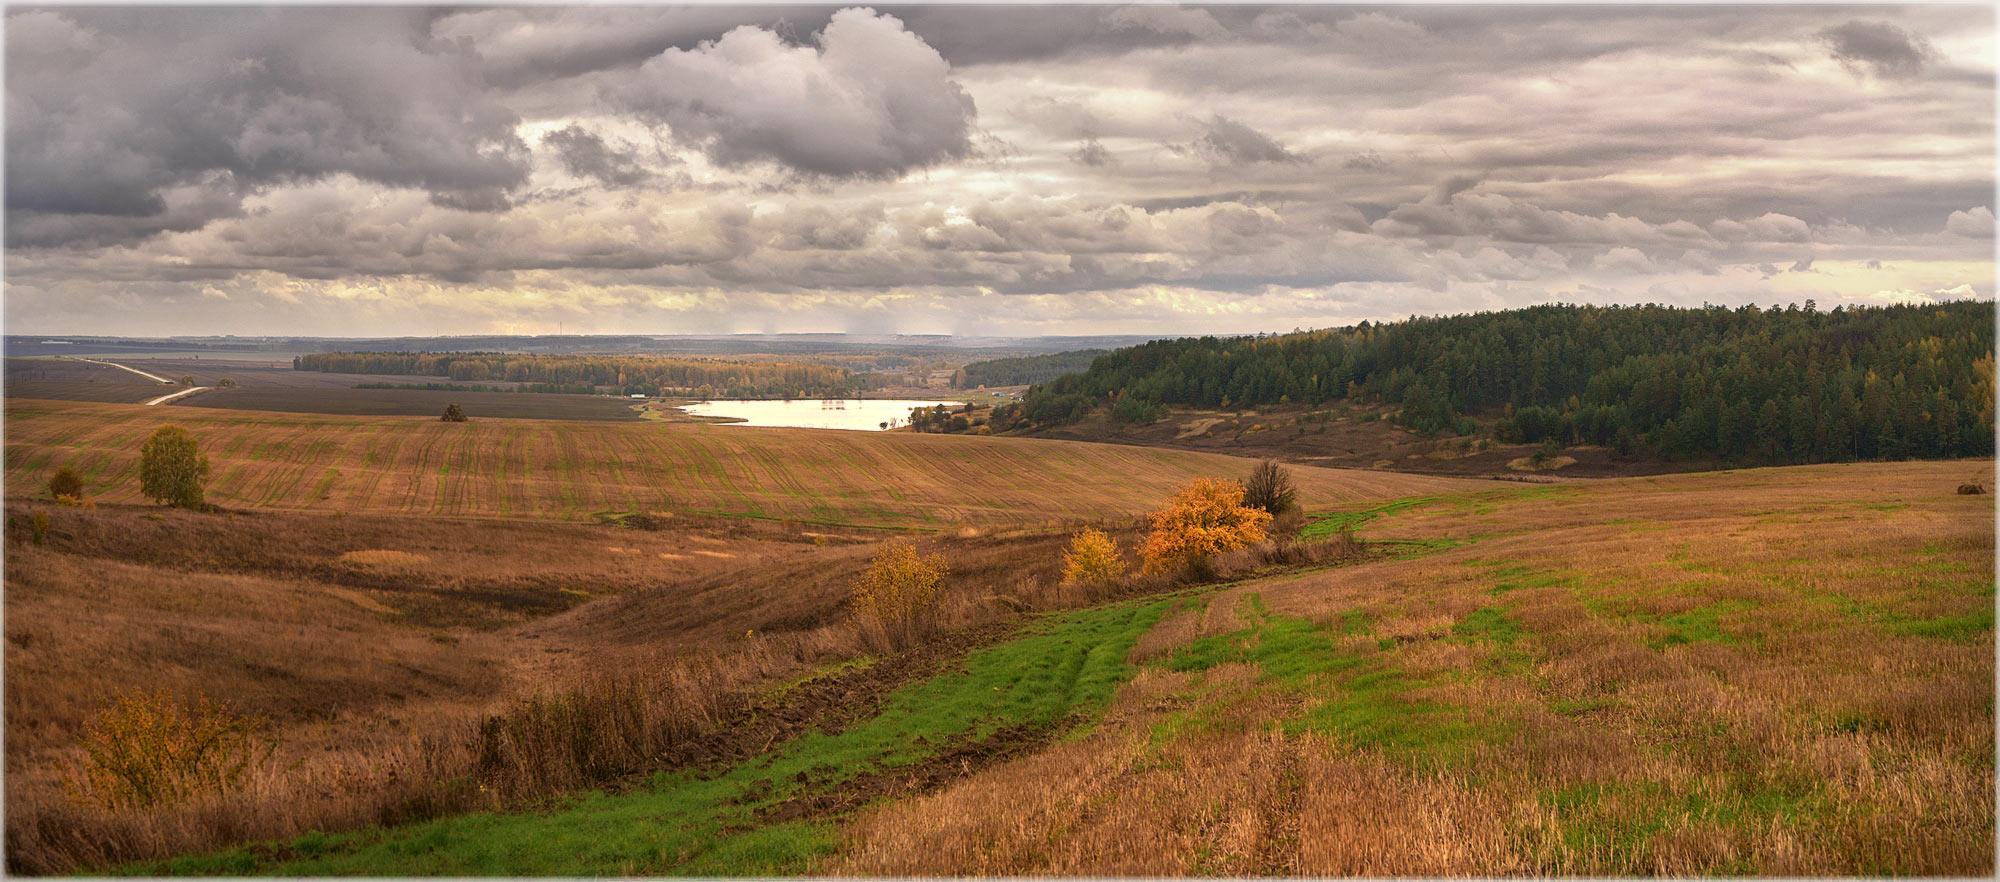 """фото """"Вы пролили краску, Господин Художник!"""" метки: пейзаж, панорама, природа, лес, осень, поле, просторы"""